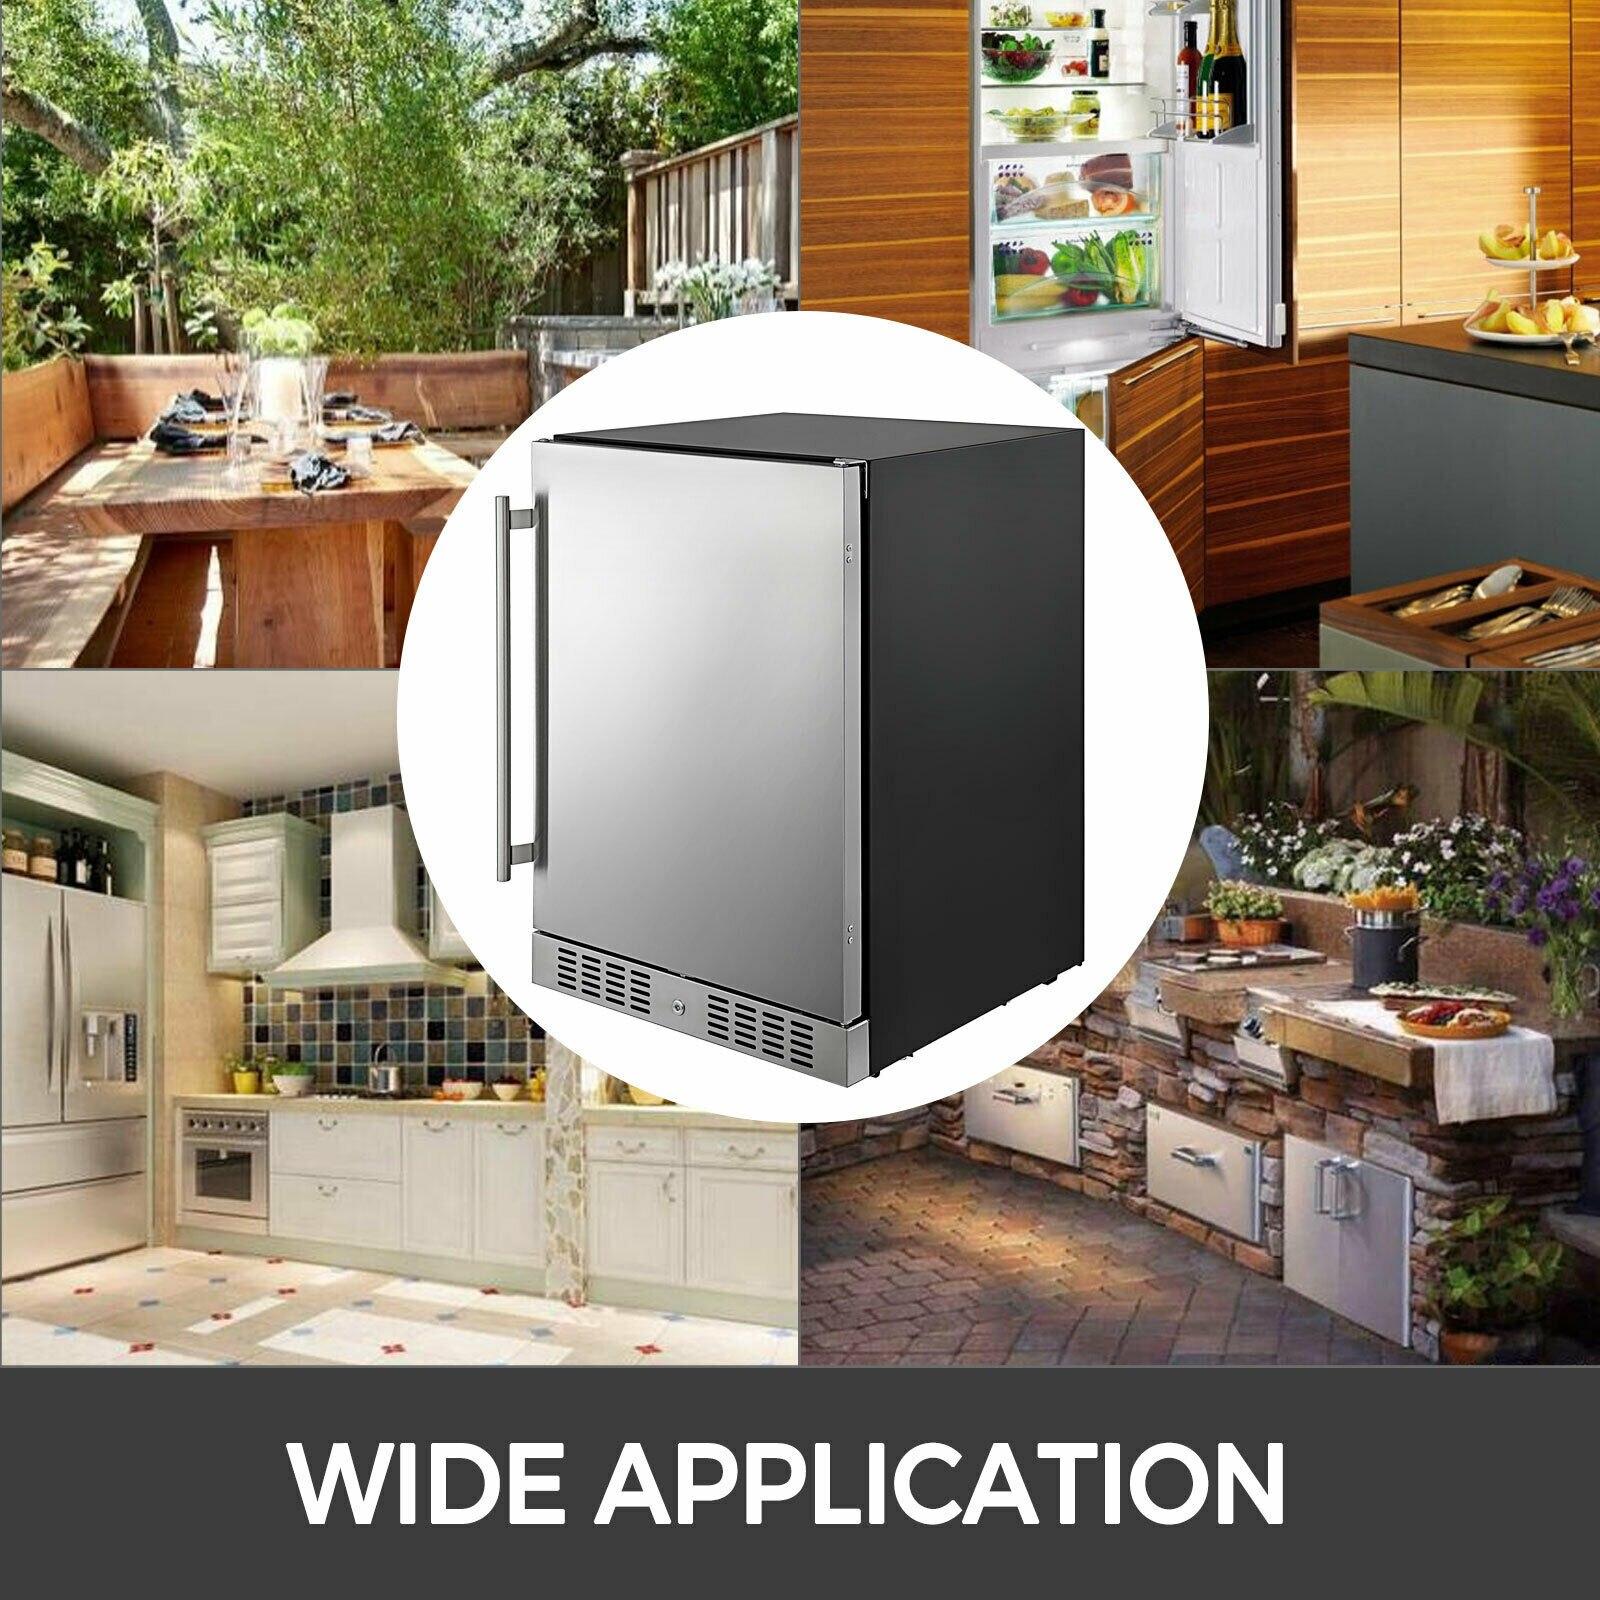 VEVOR небольшой холодильник сода и пива реверсивная дверь Нержавеющаясталь мини-холодильник с морозильной камерой для Офис коммерческого применения внутри помещений Применение 2